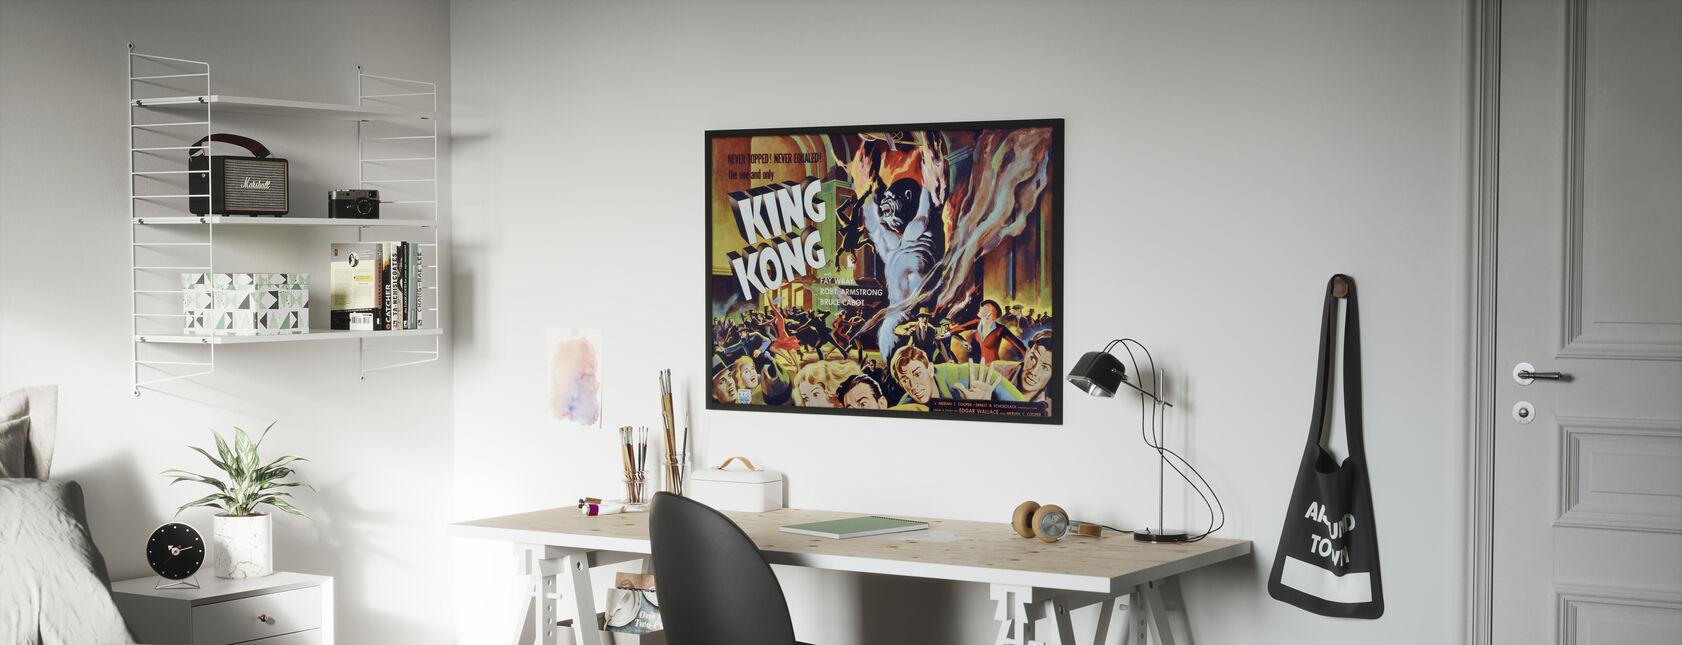 King Kong - Juliste - Lastenhuone